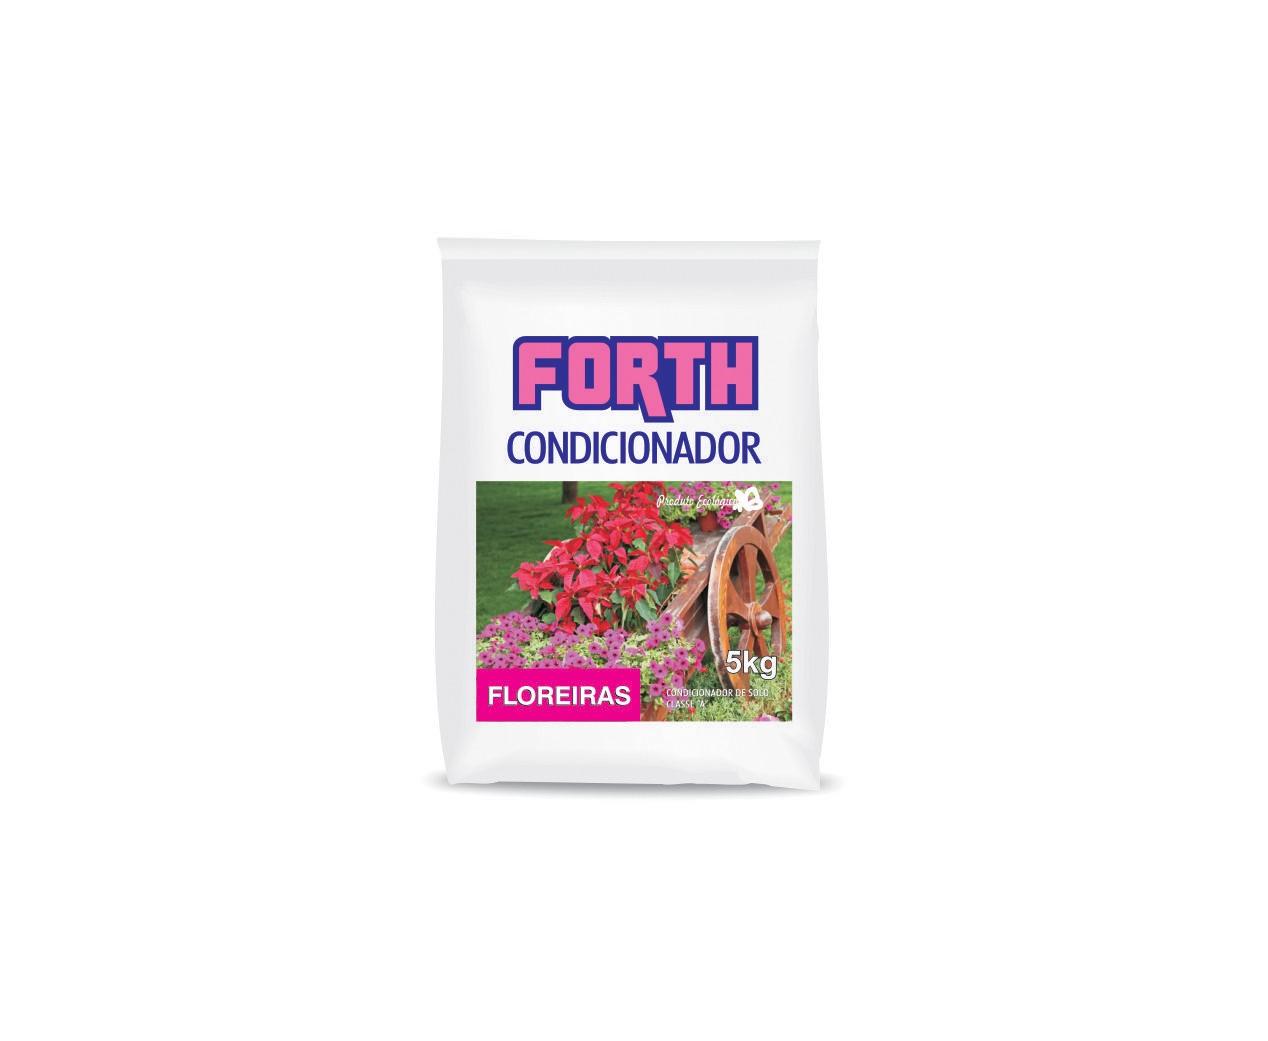 Condicionador FORTH Floreira 5kg